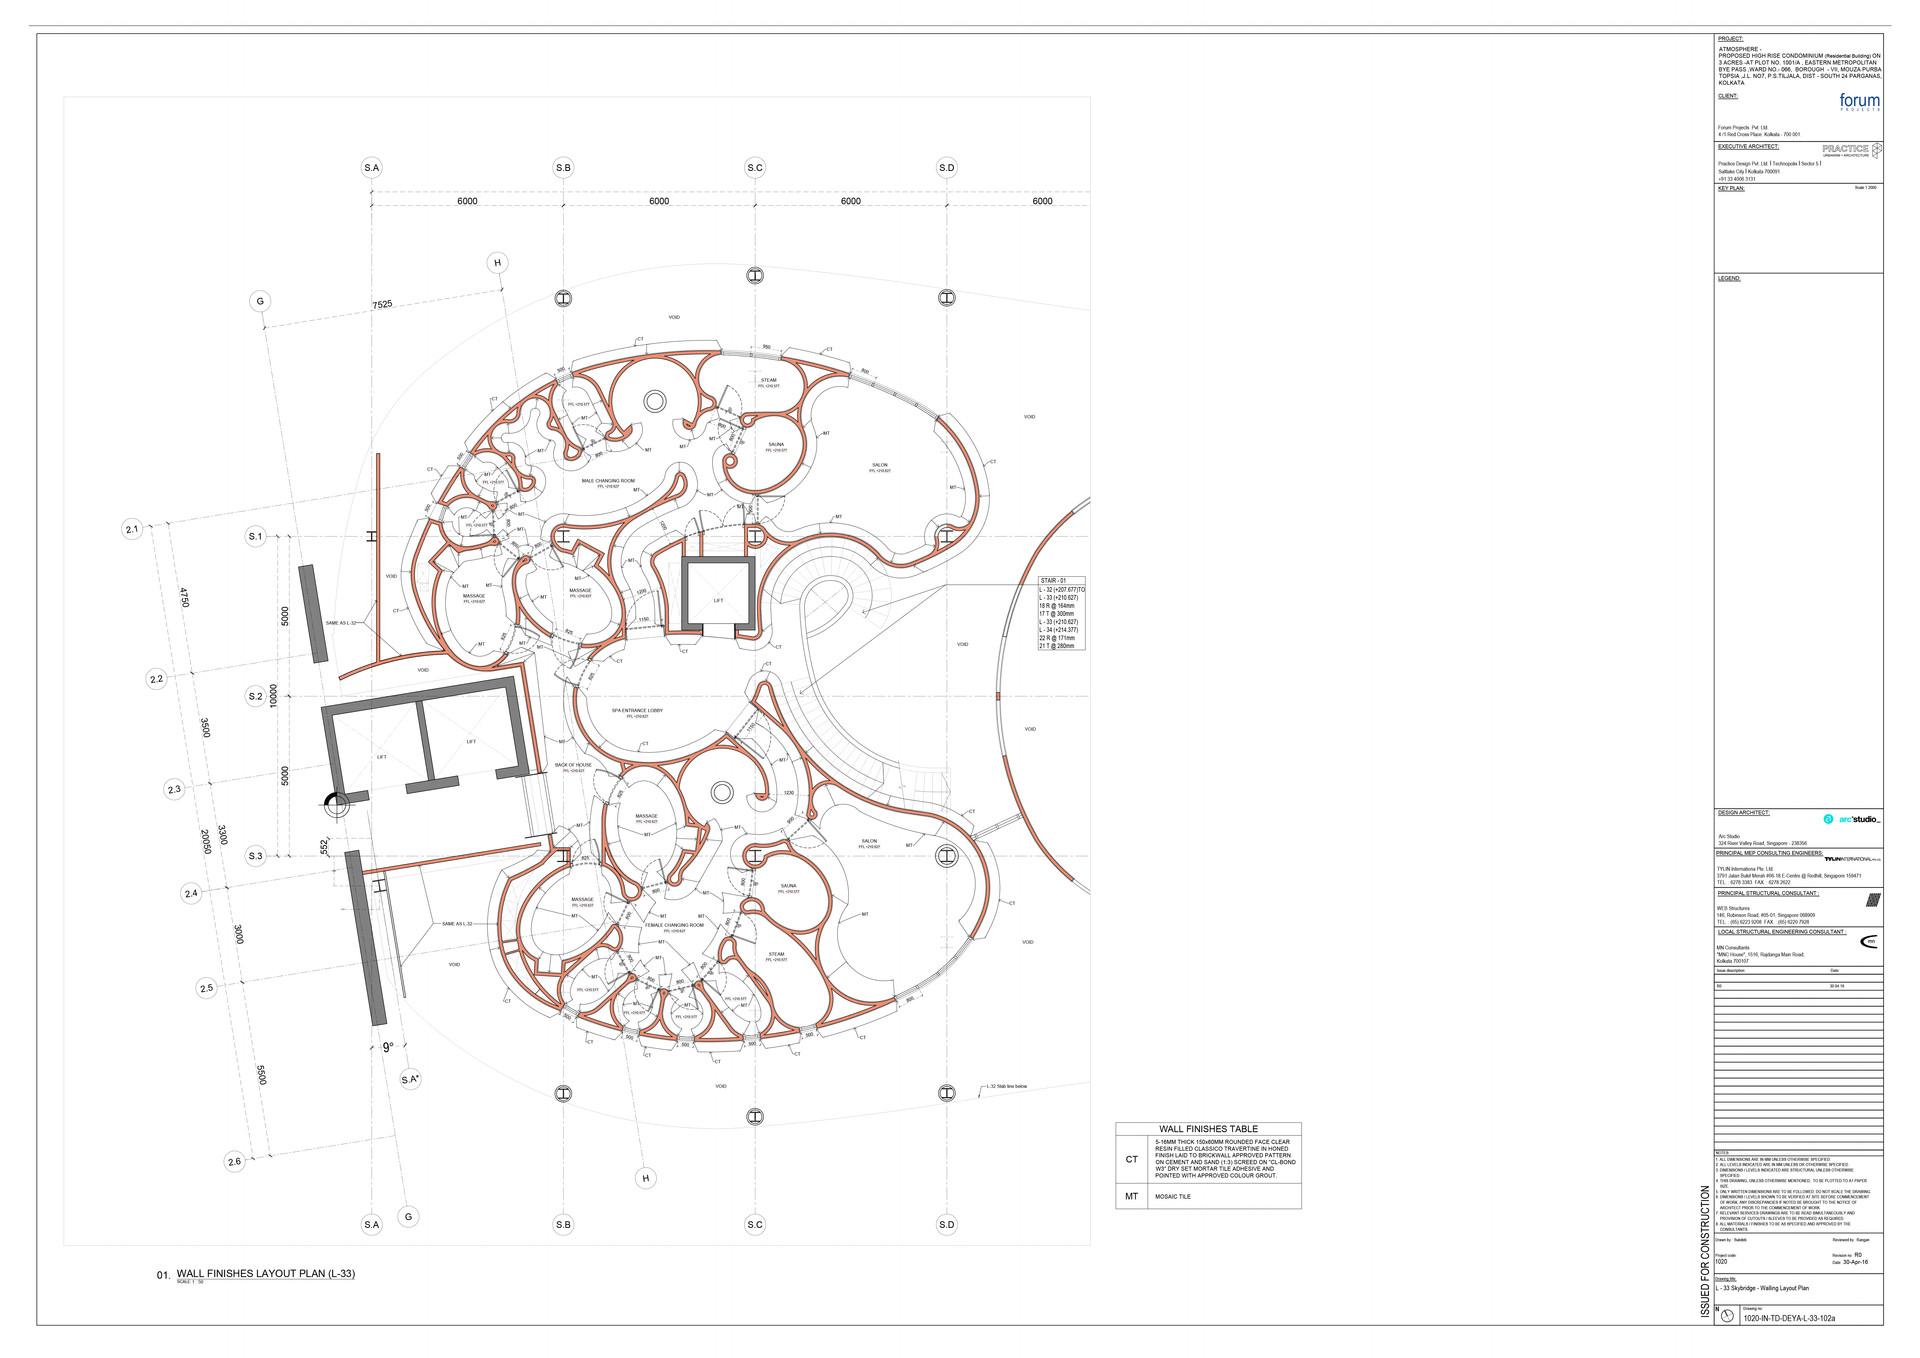 1020-IN-TD-DEYA-L-33-102a_Walling Layout